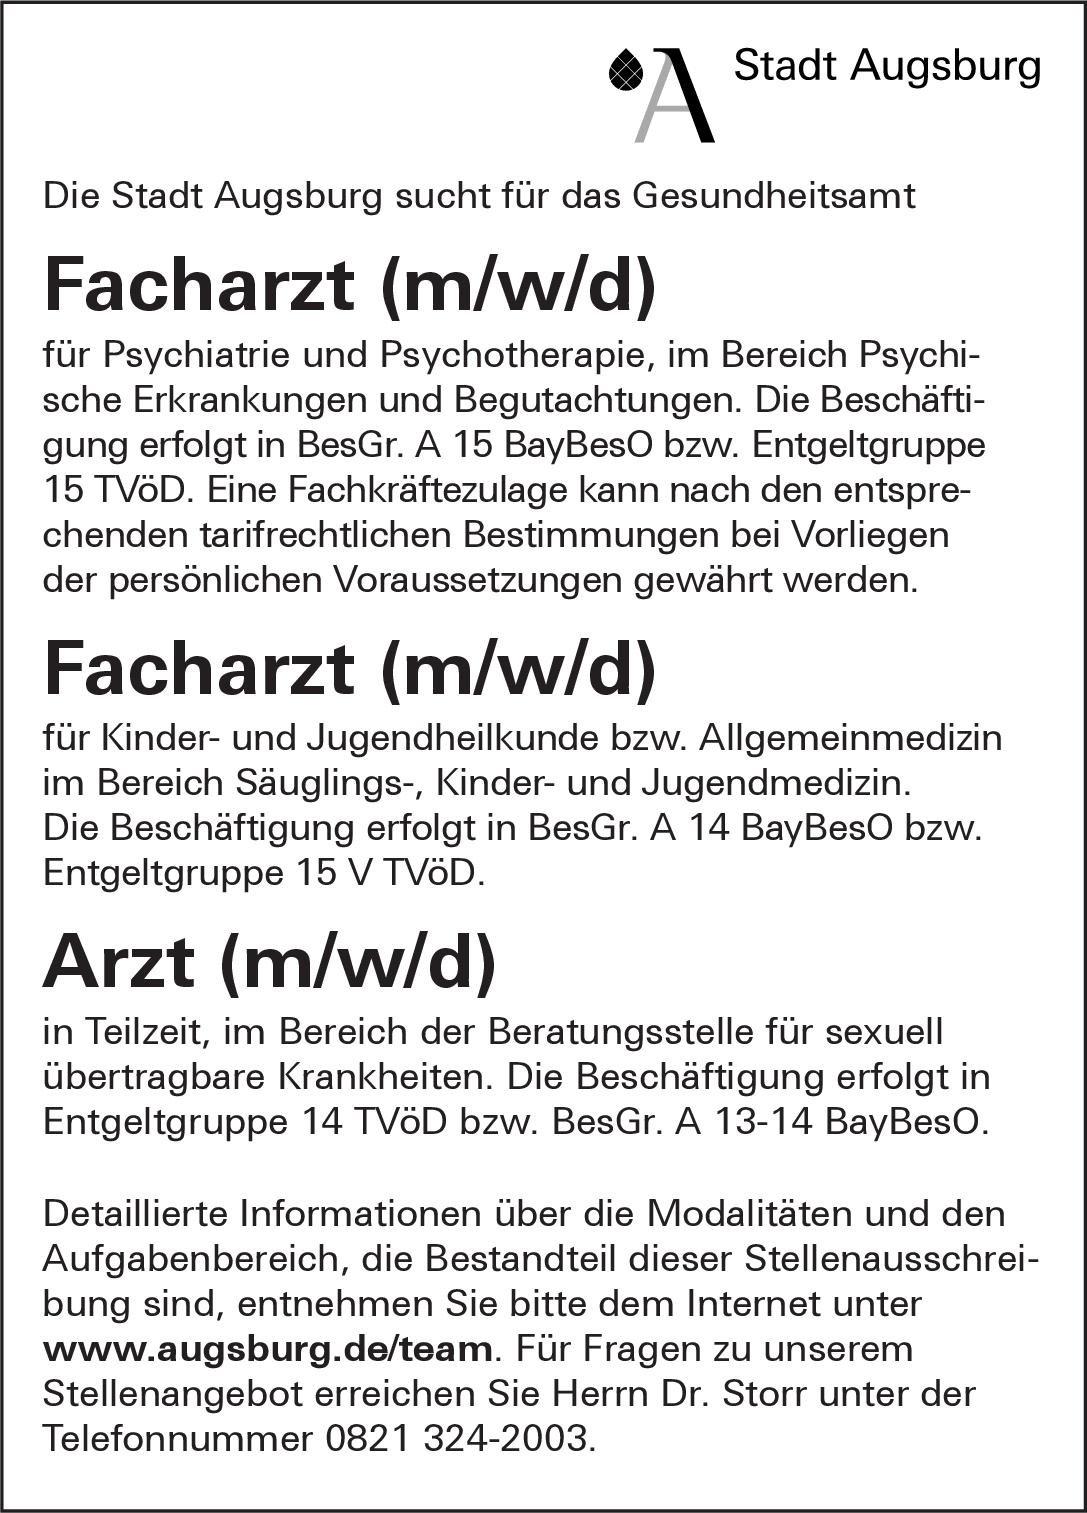 Stadt Augsburg - Gesundheitsamt Facharzt (m/w/d) für Kinder- und Jugendheilkunde bzw. Allgemeinmedizin  Kinder- und Jugendmedizin, Allgemeinmedizin, Kinder- und Jugendmedizin Arzt / Facharzt